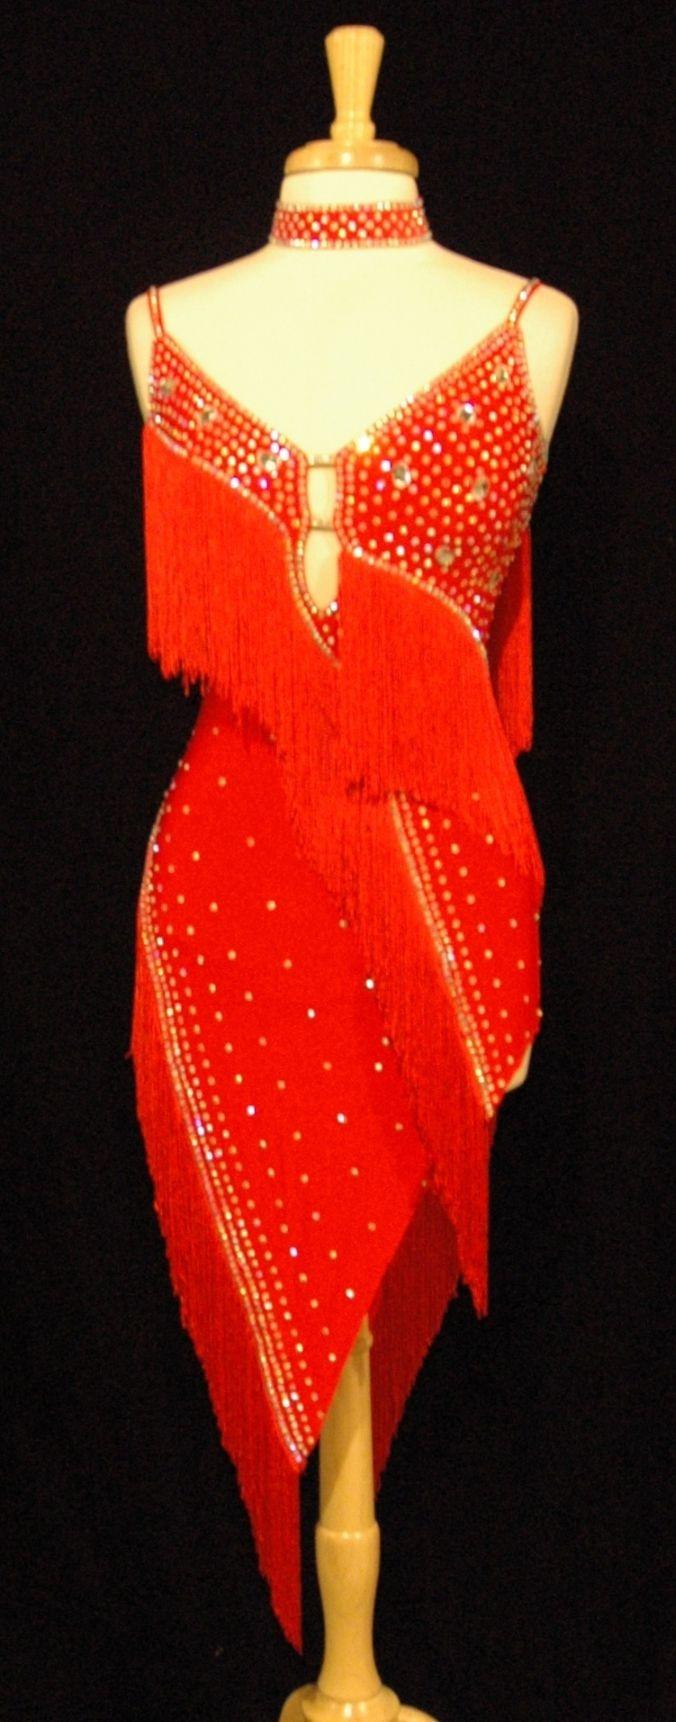 Latin Dance Costume, lovee it!: Colorguard Costumes, Ballroom Latin Costumes, Costumes Latin Standard, Ballroom Costume, Costumes Ii, Salsa Dresses Dance Costumes, Salsa Dance Costumes